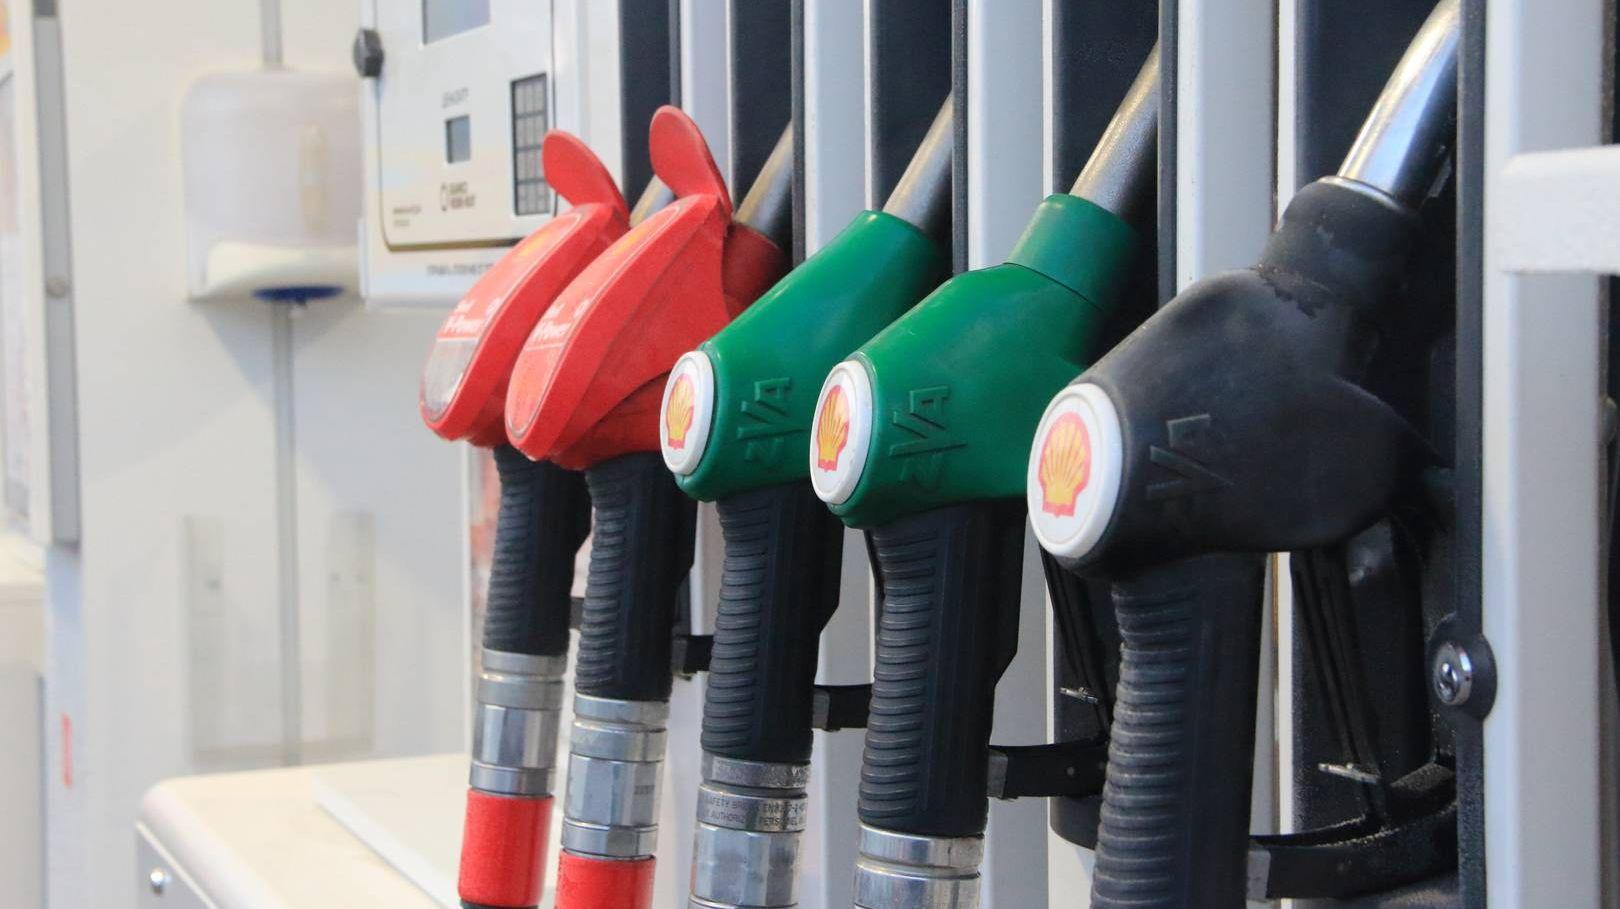 АЗС. Топливо. Бензин. Бензоколонка. 2